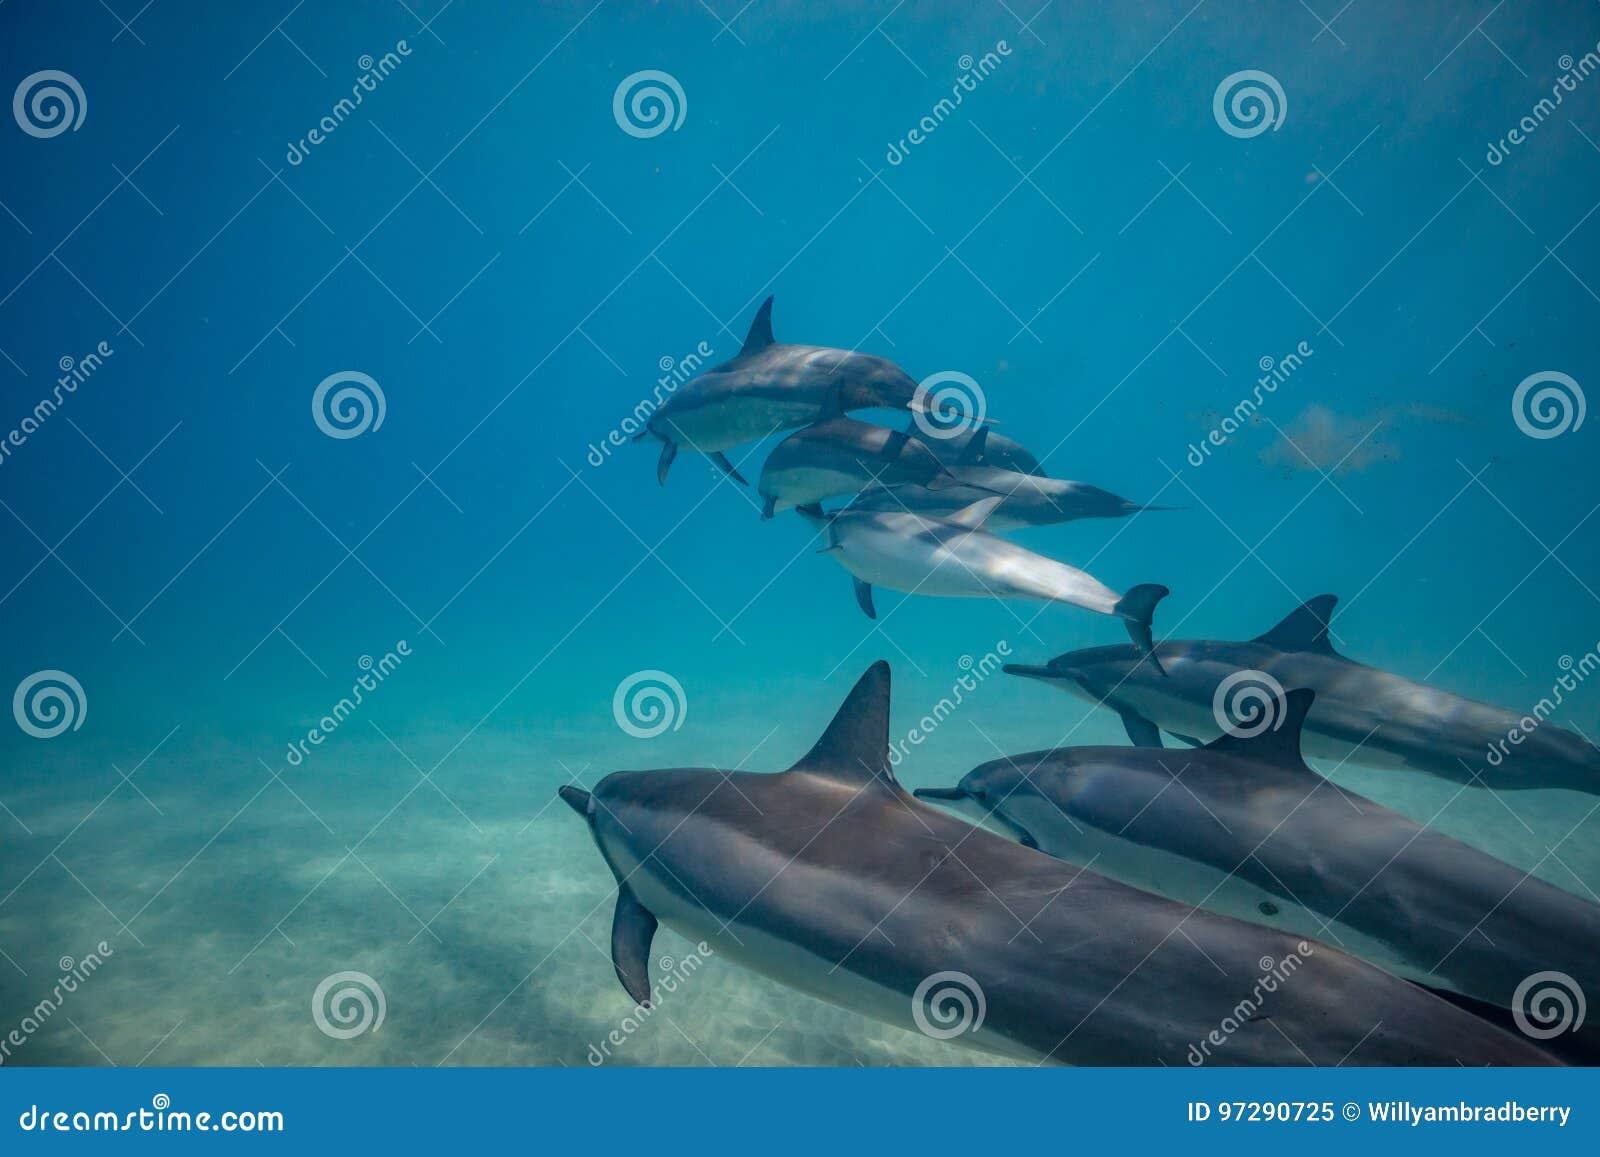 野生海豚水下在深蓝色海洋